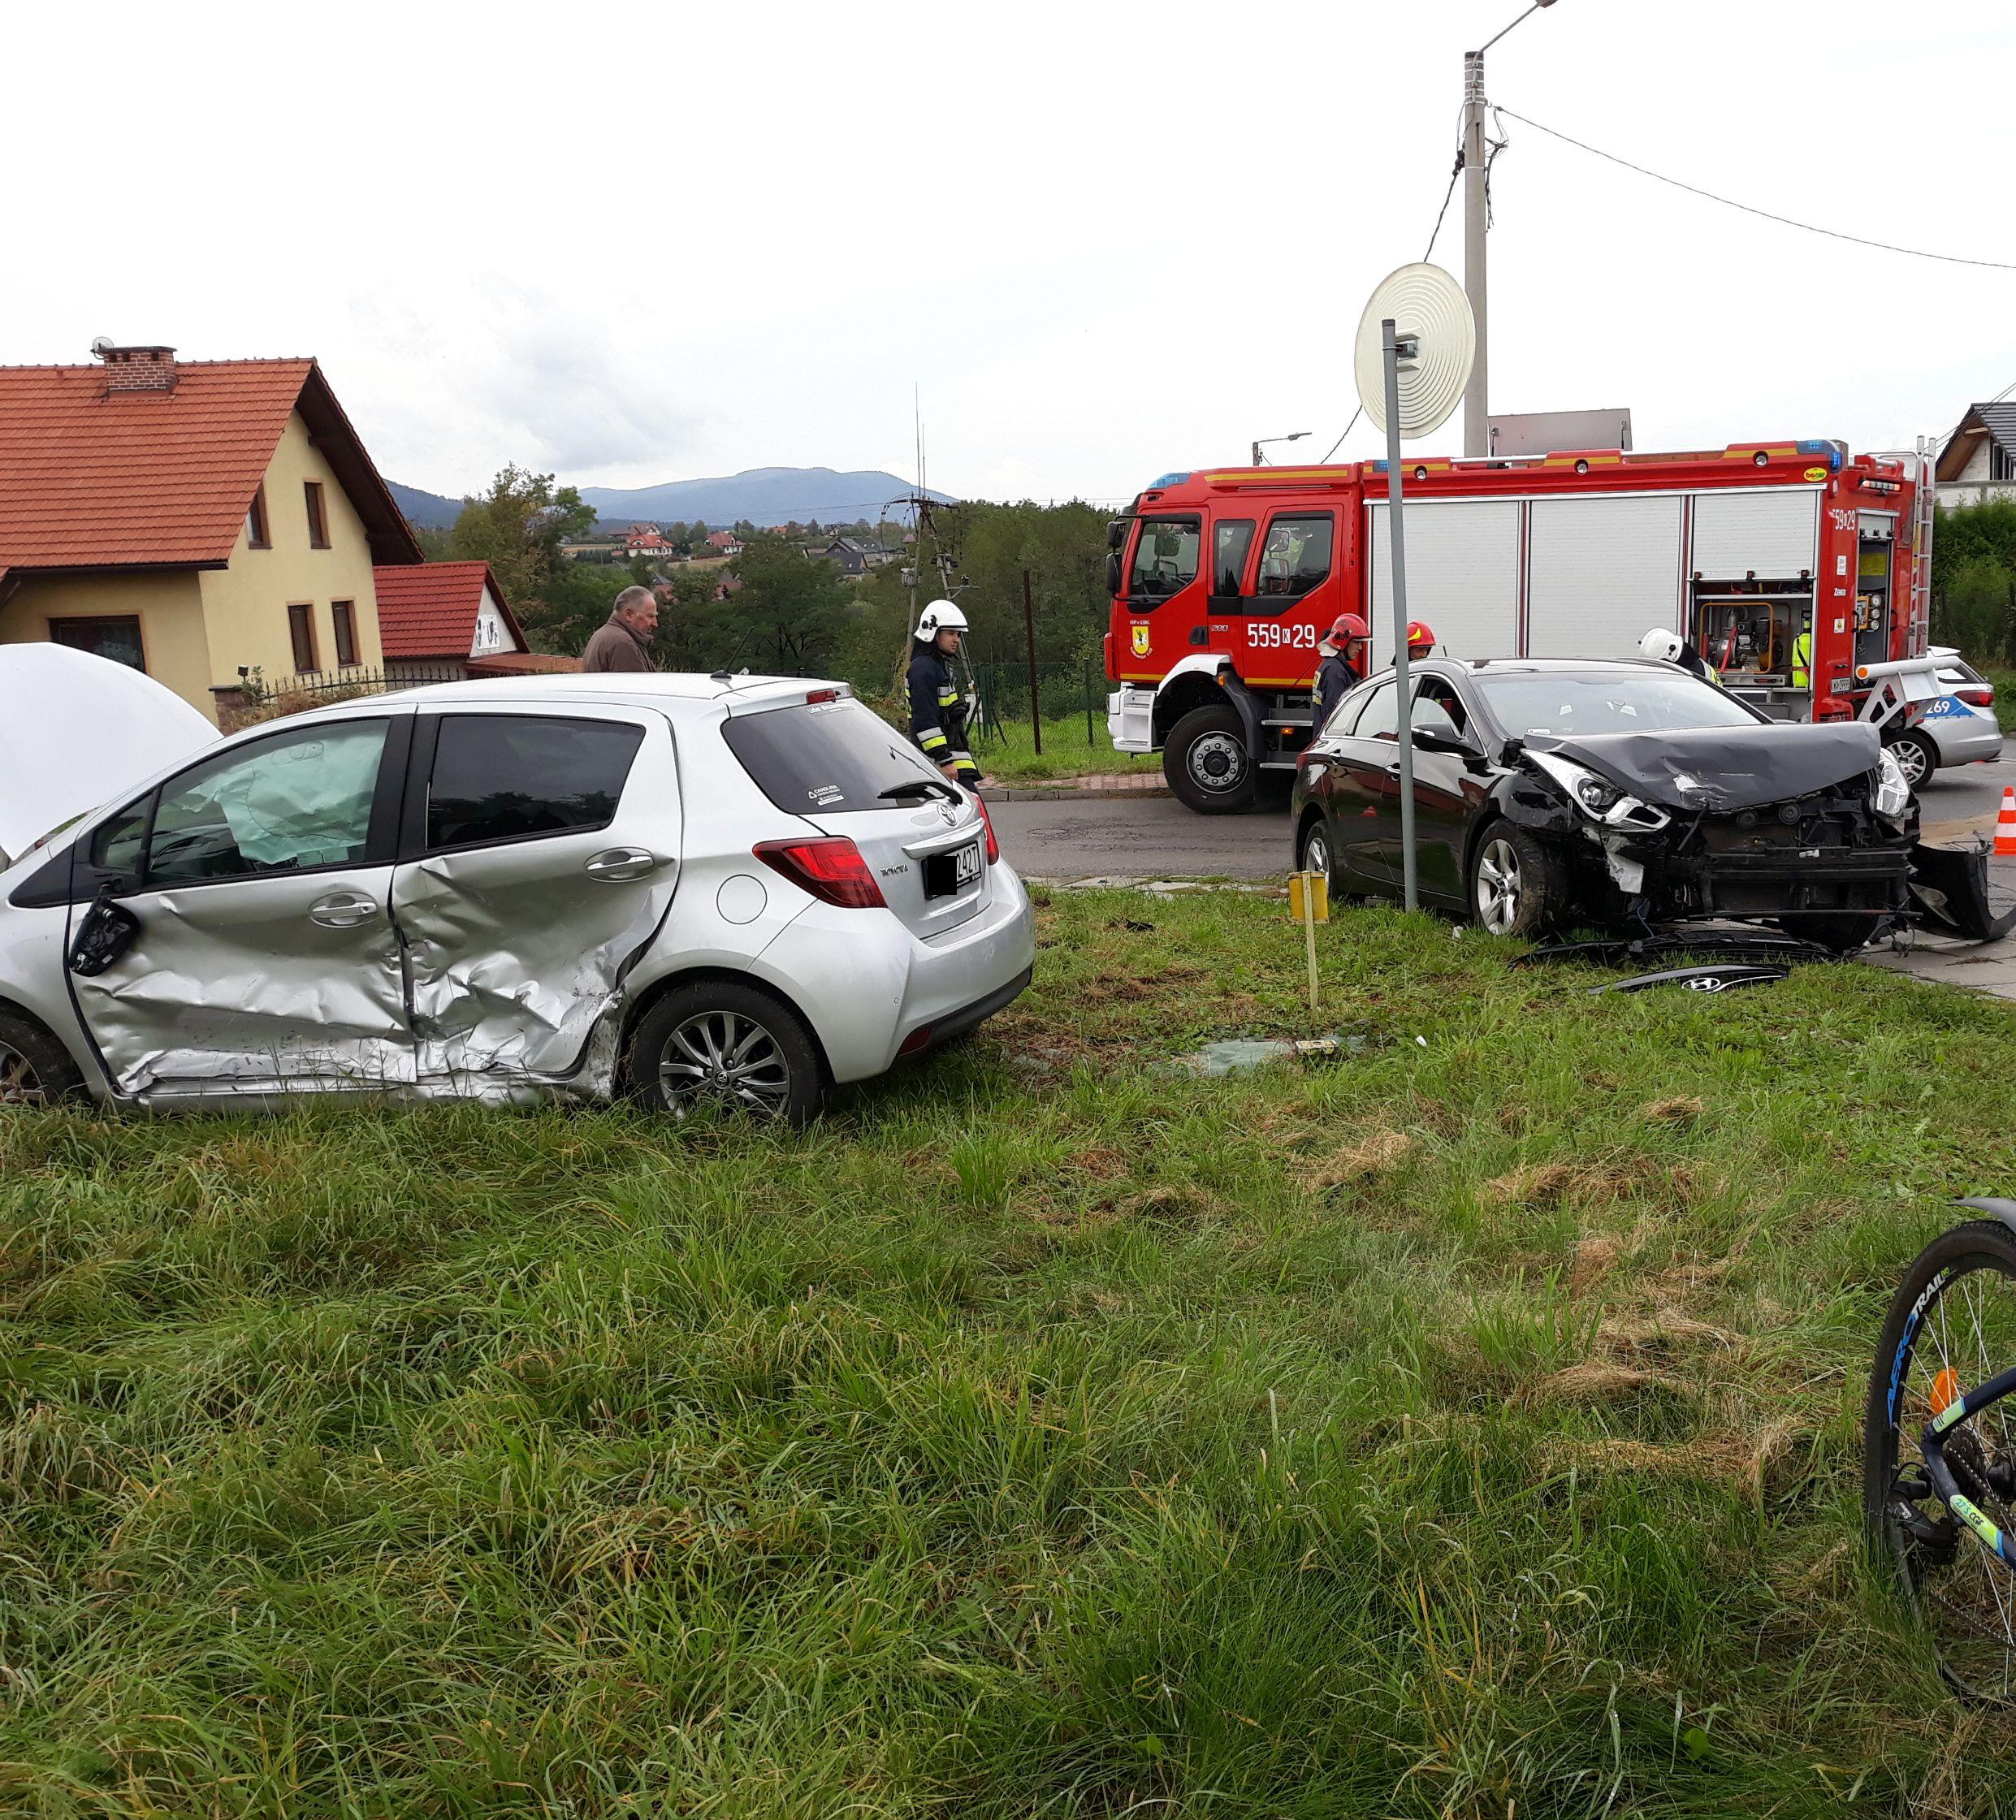 Kolejny wypadek na słynnym i niebezpiecznym skrzyżowaniu [FOTO]